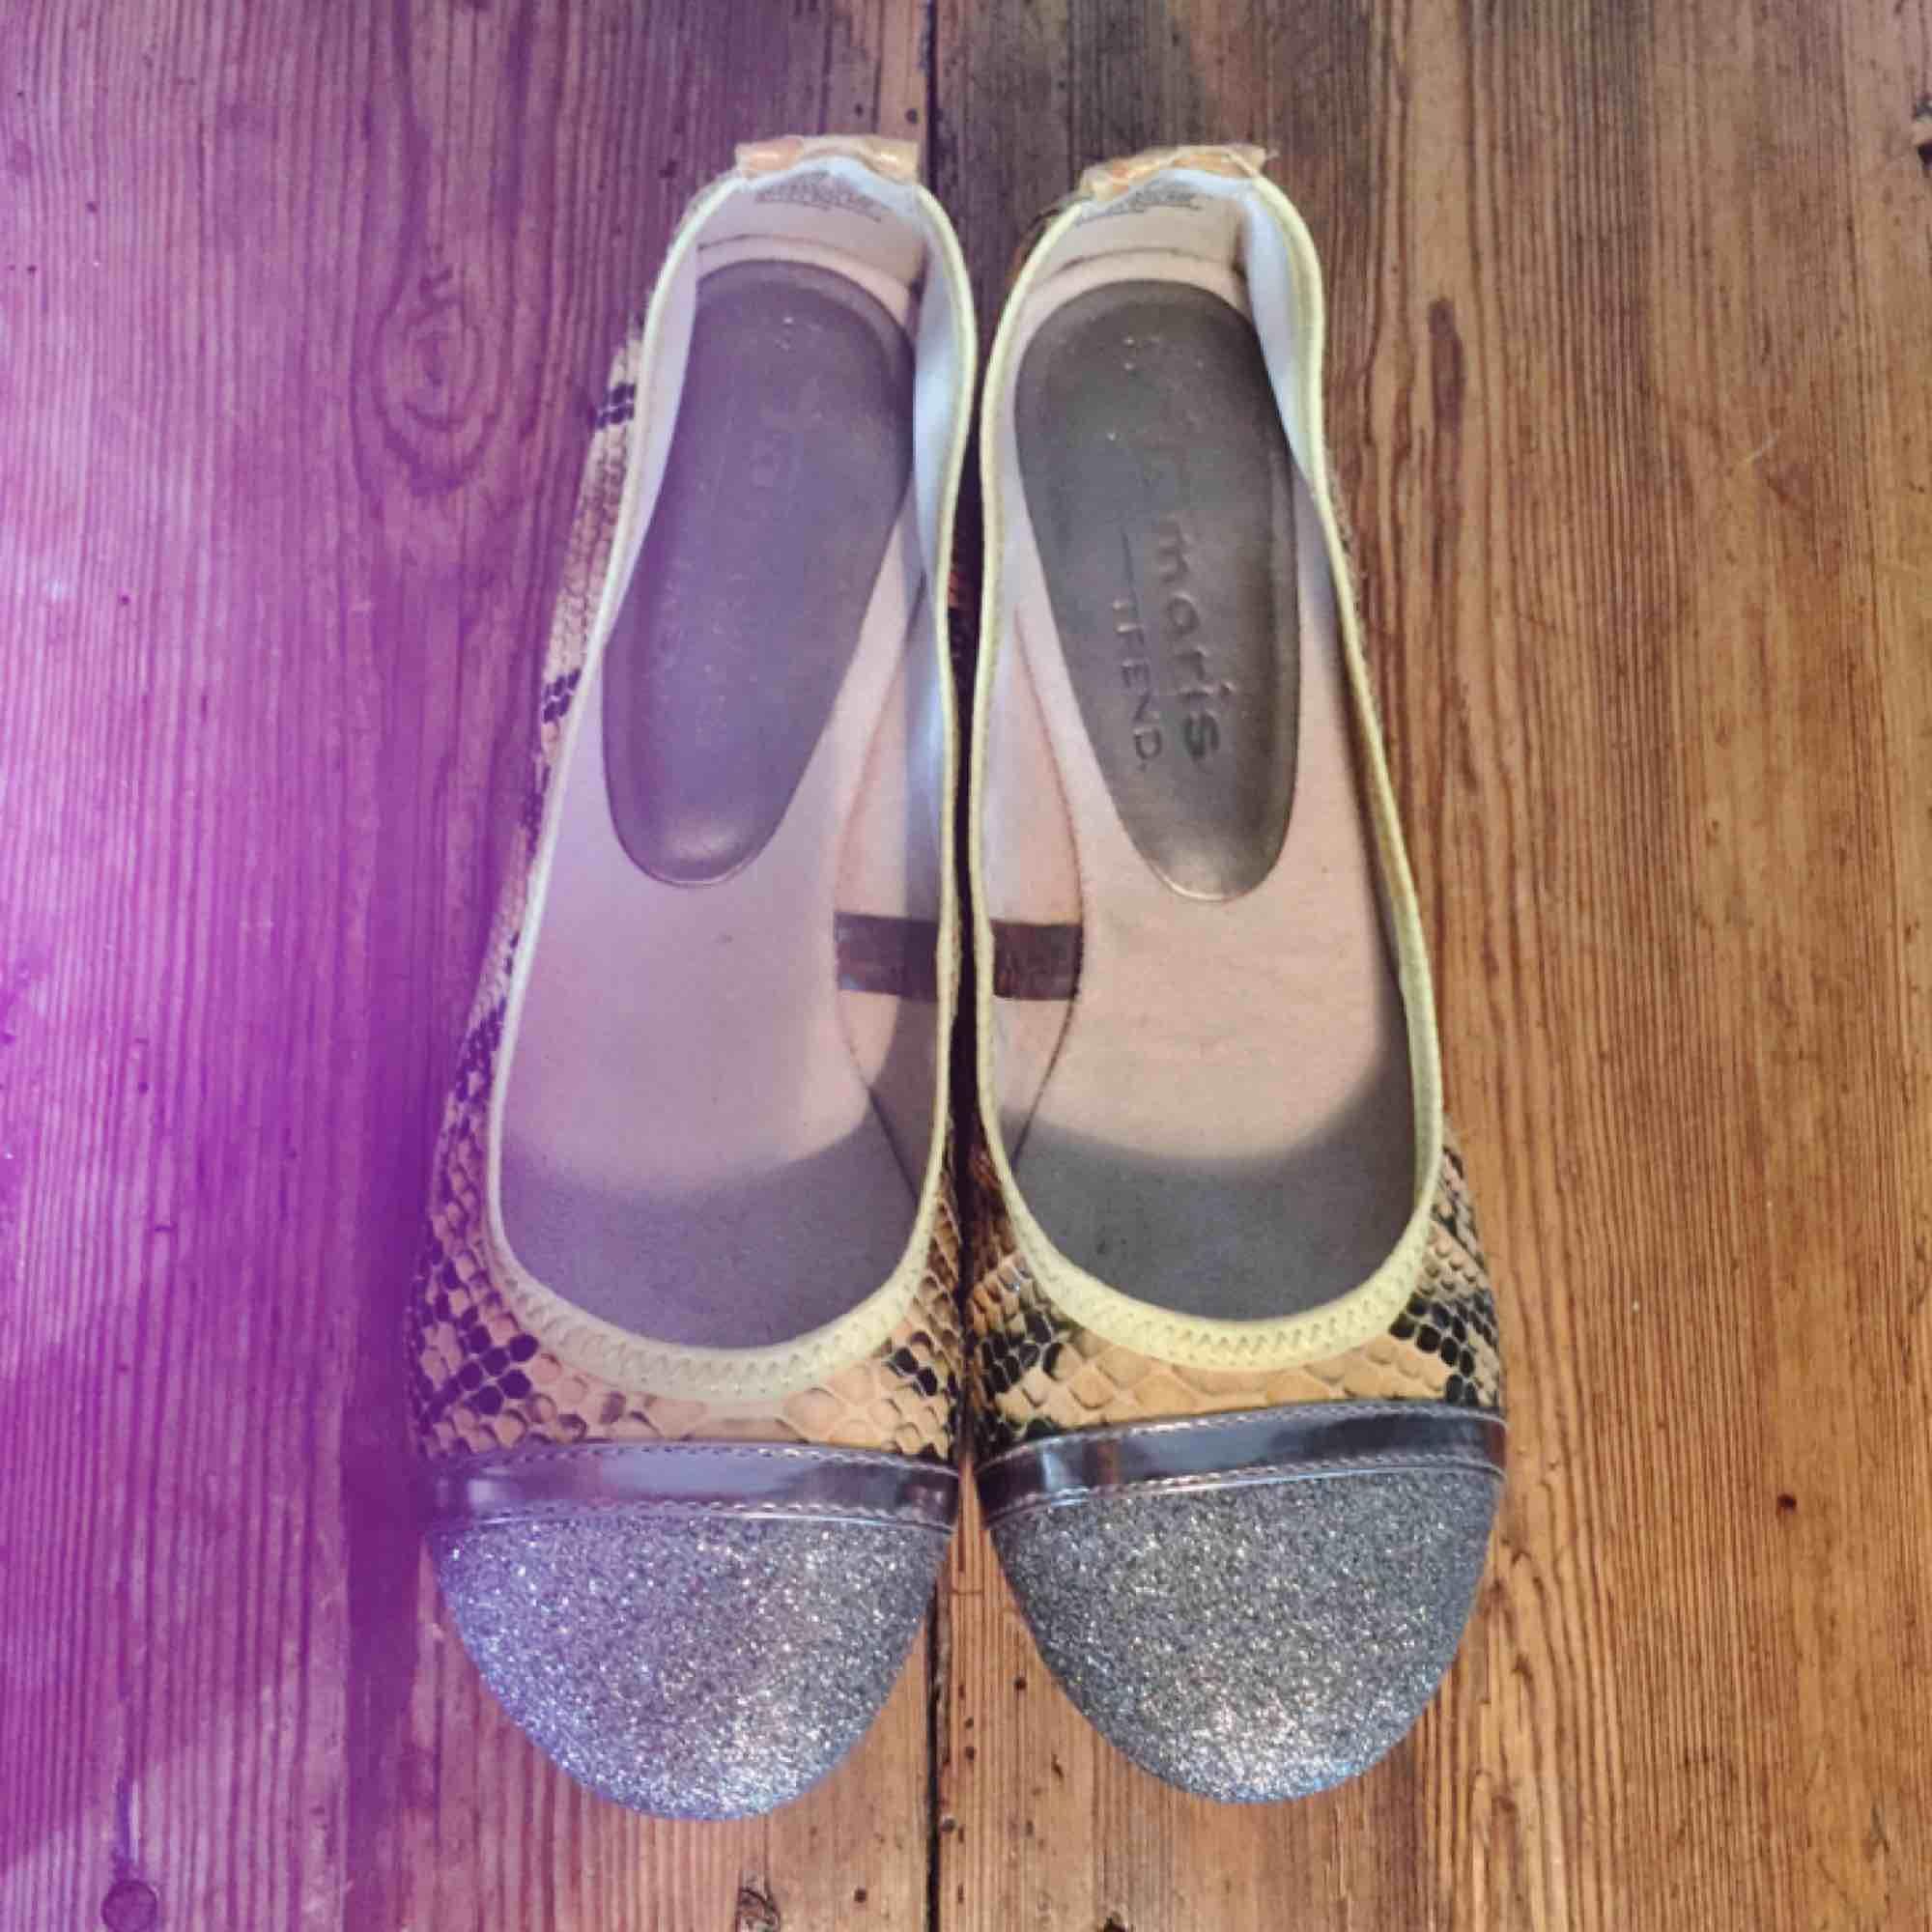 Vikbara ballerinaskor med mjuk sula. Signatur för Tamaris är att de producerar bekväma skor. Ybertrendigt med ormskinns imitation! Snygga på kontoret, flygresan eller sommaren. . Skor.